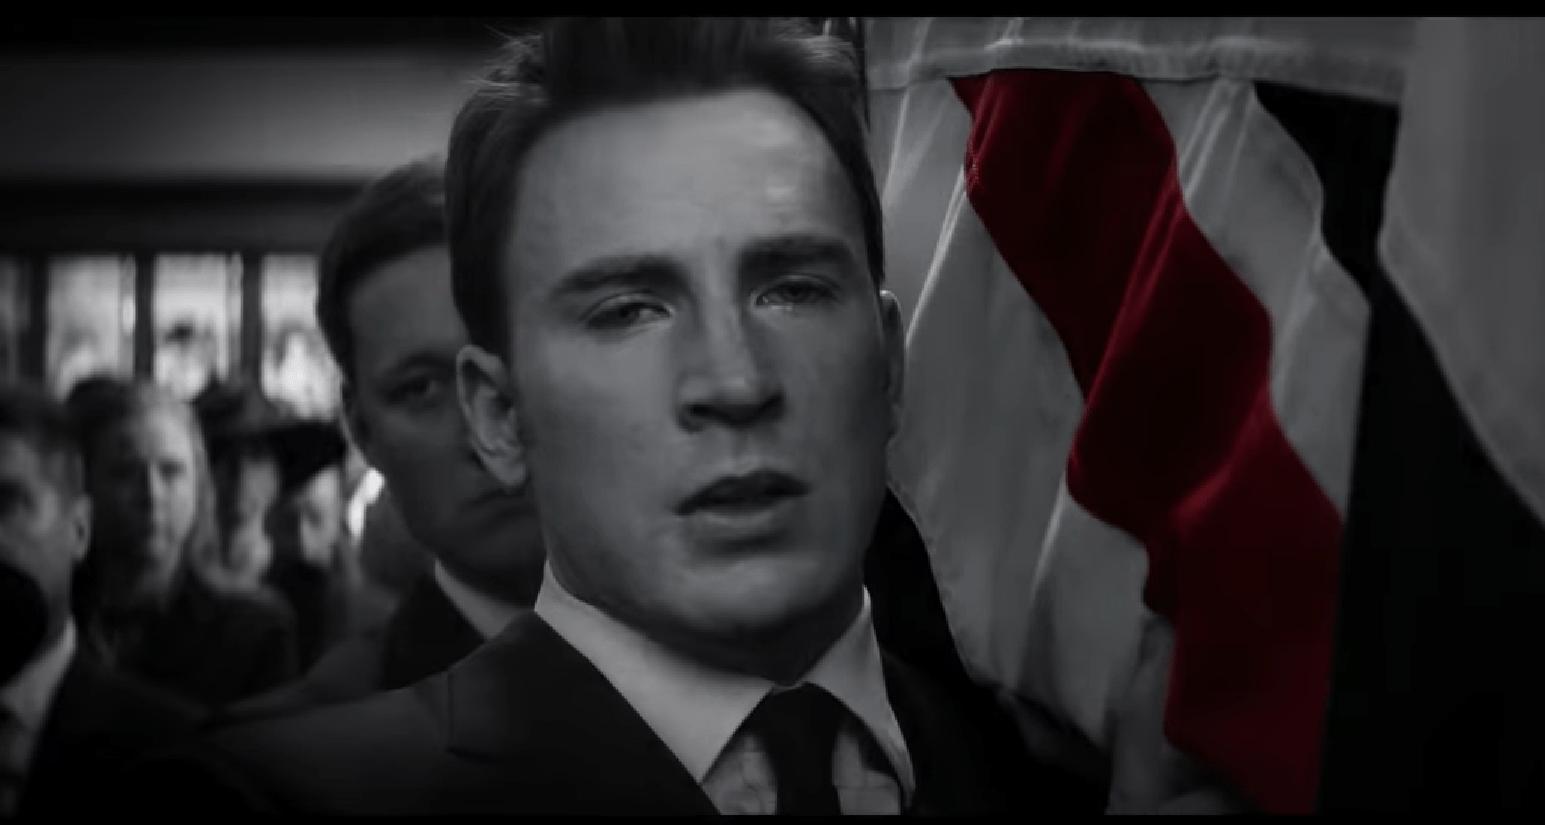 Flashbacks In Avengers: Endgame